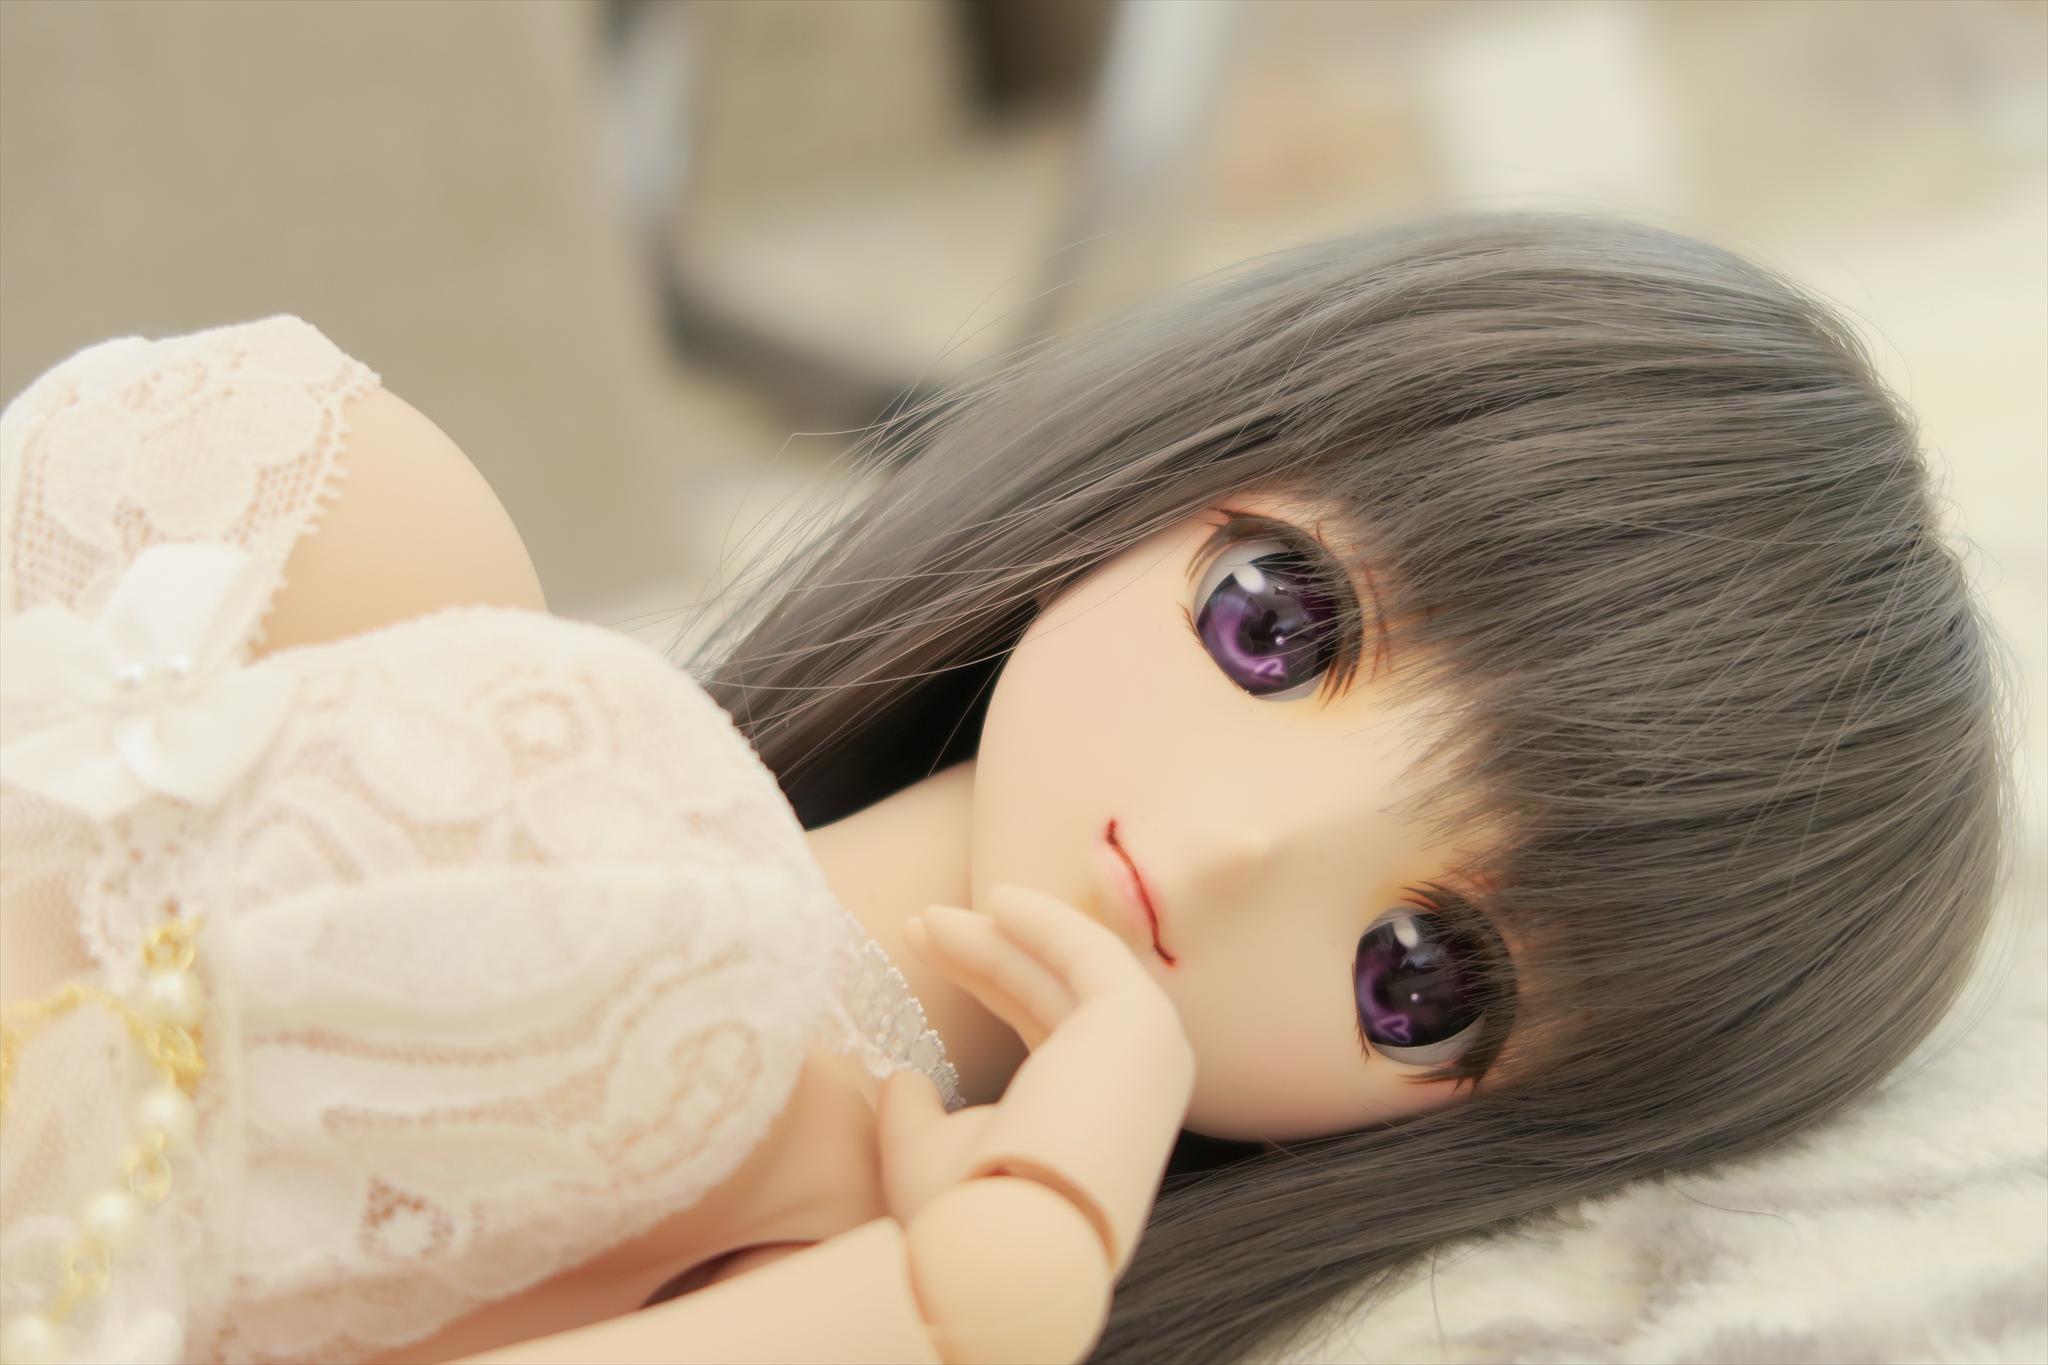 ENHG8425_R.jpg